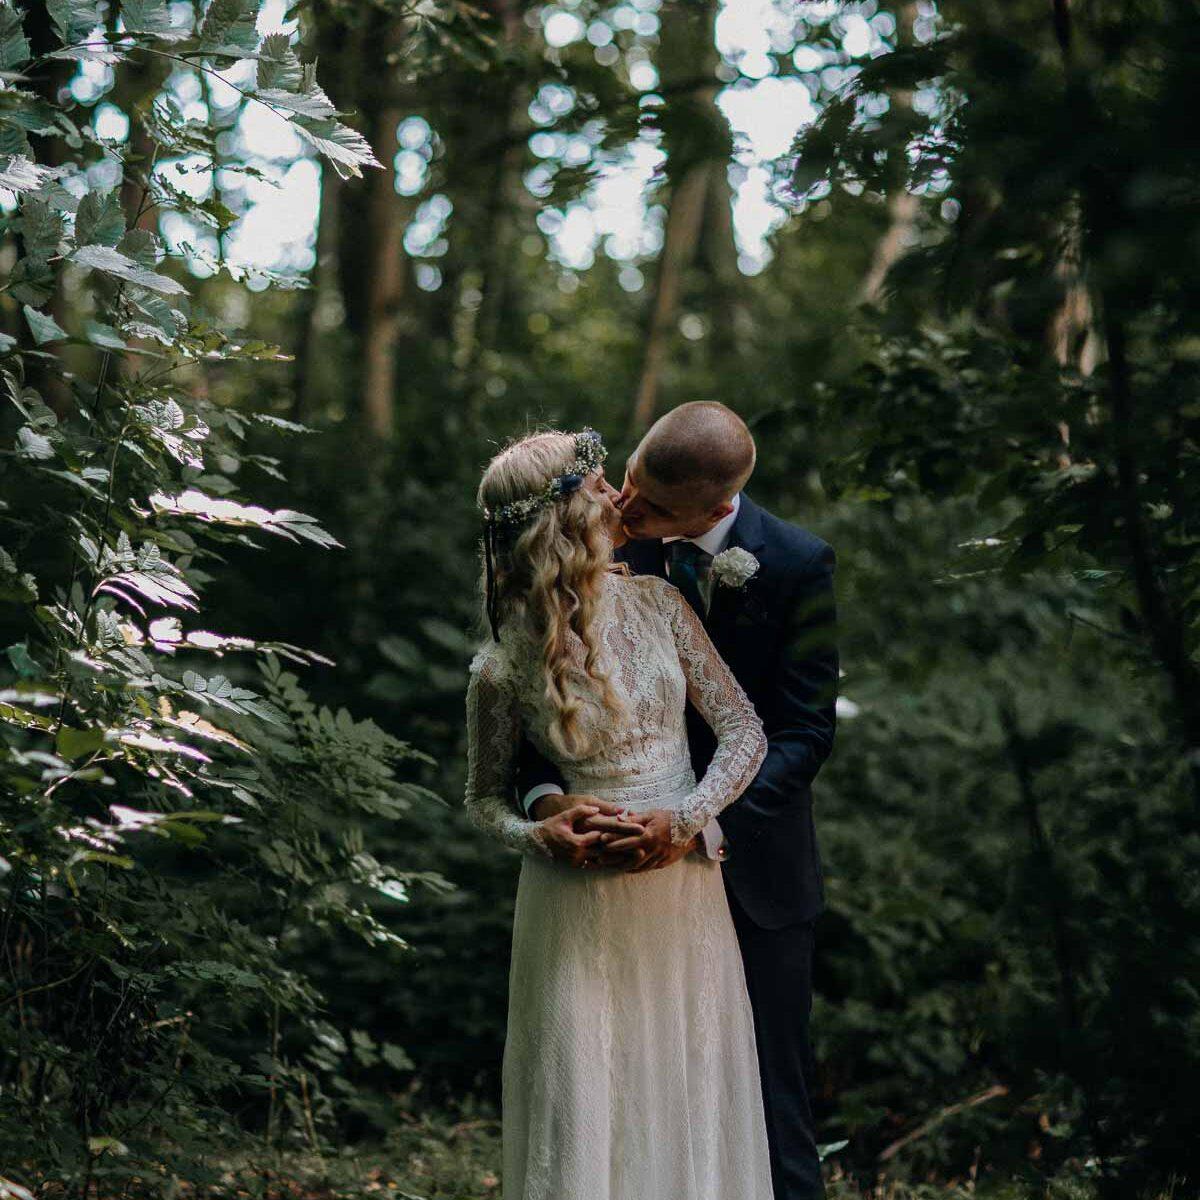 Hvad bør man ikke foretage sig til et bryllup?